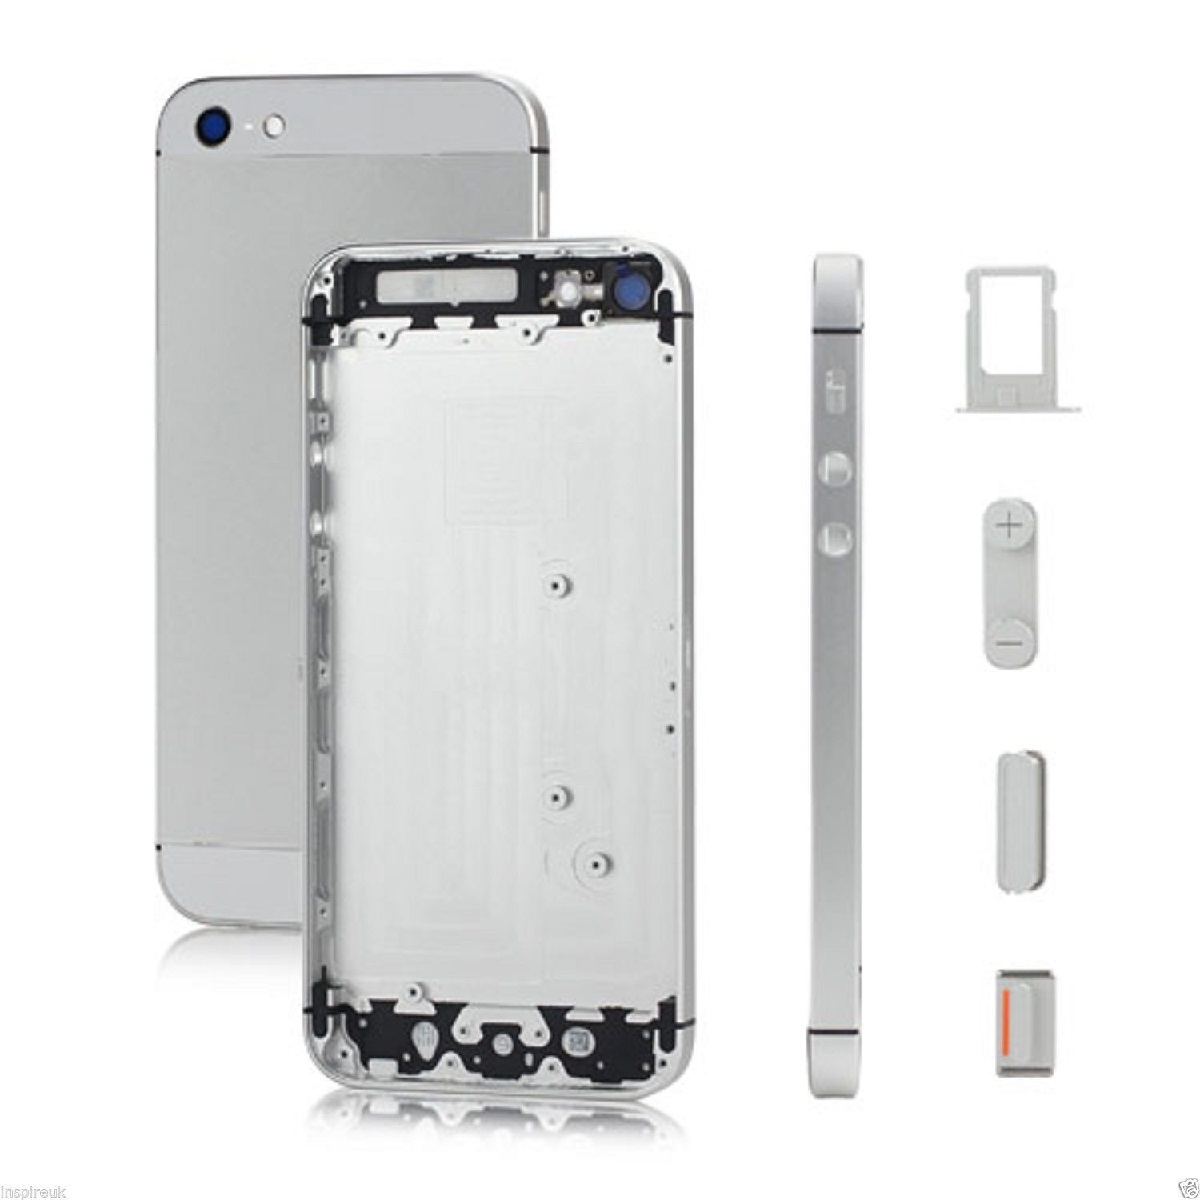 อะไหล่ไอโฟน5 เคสกลางไอโฟน 5 (สีขาว)